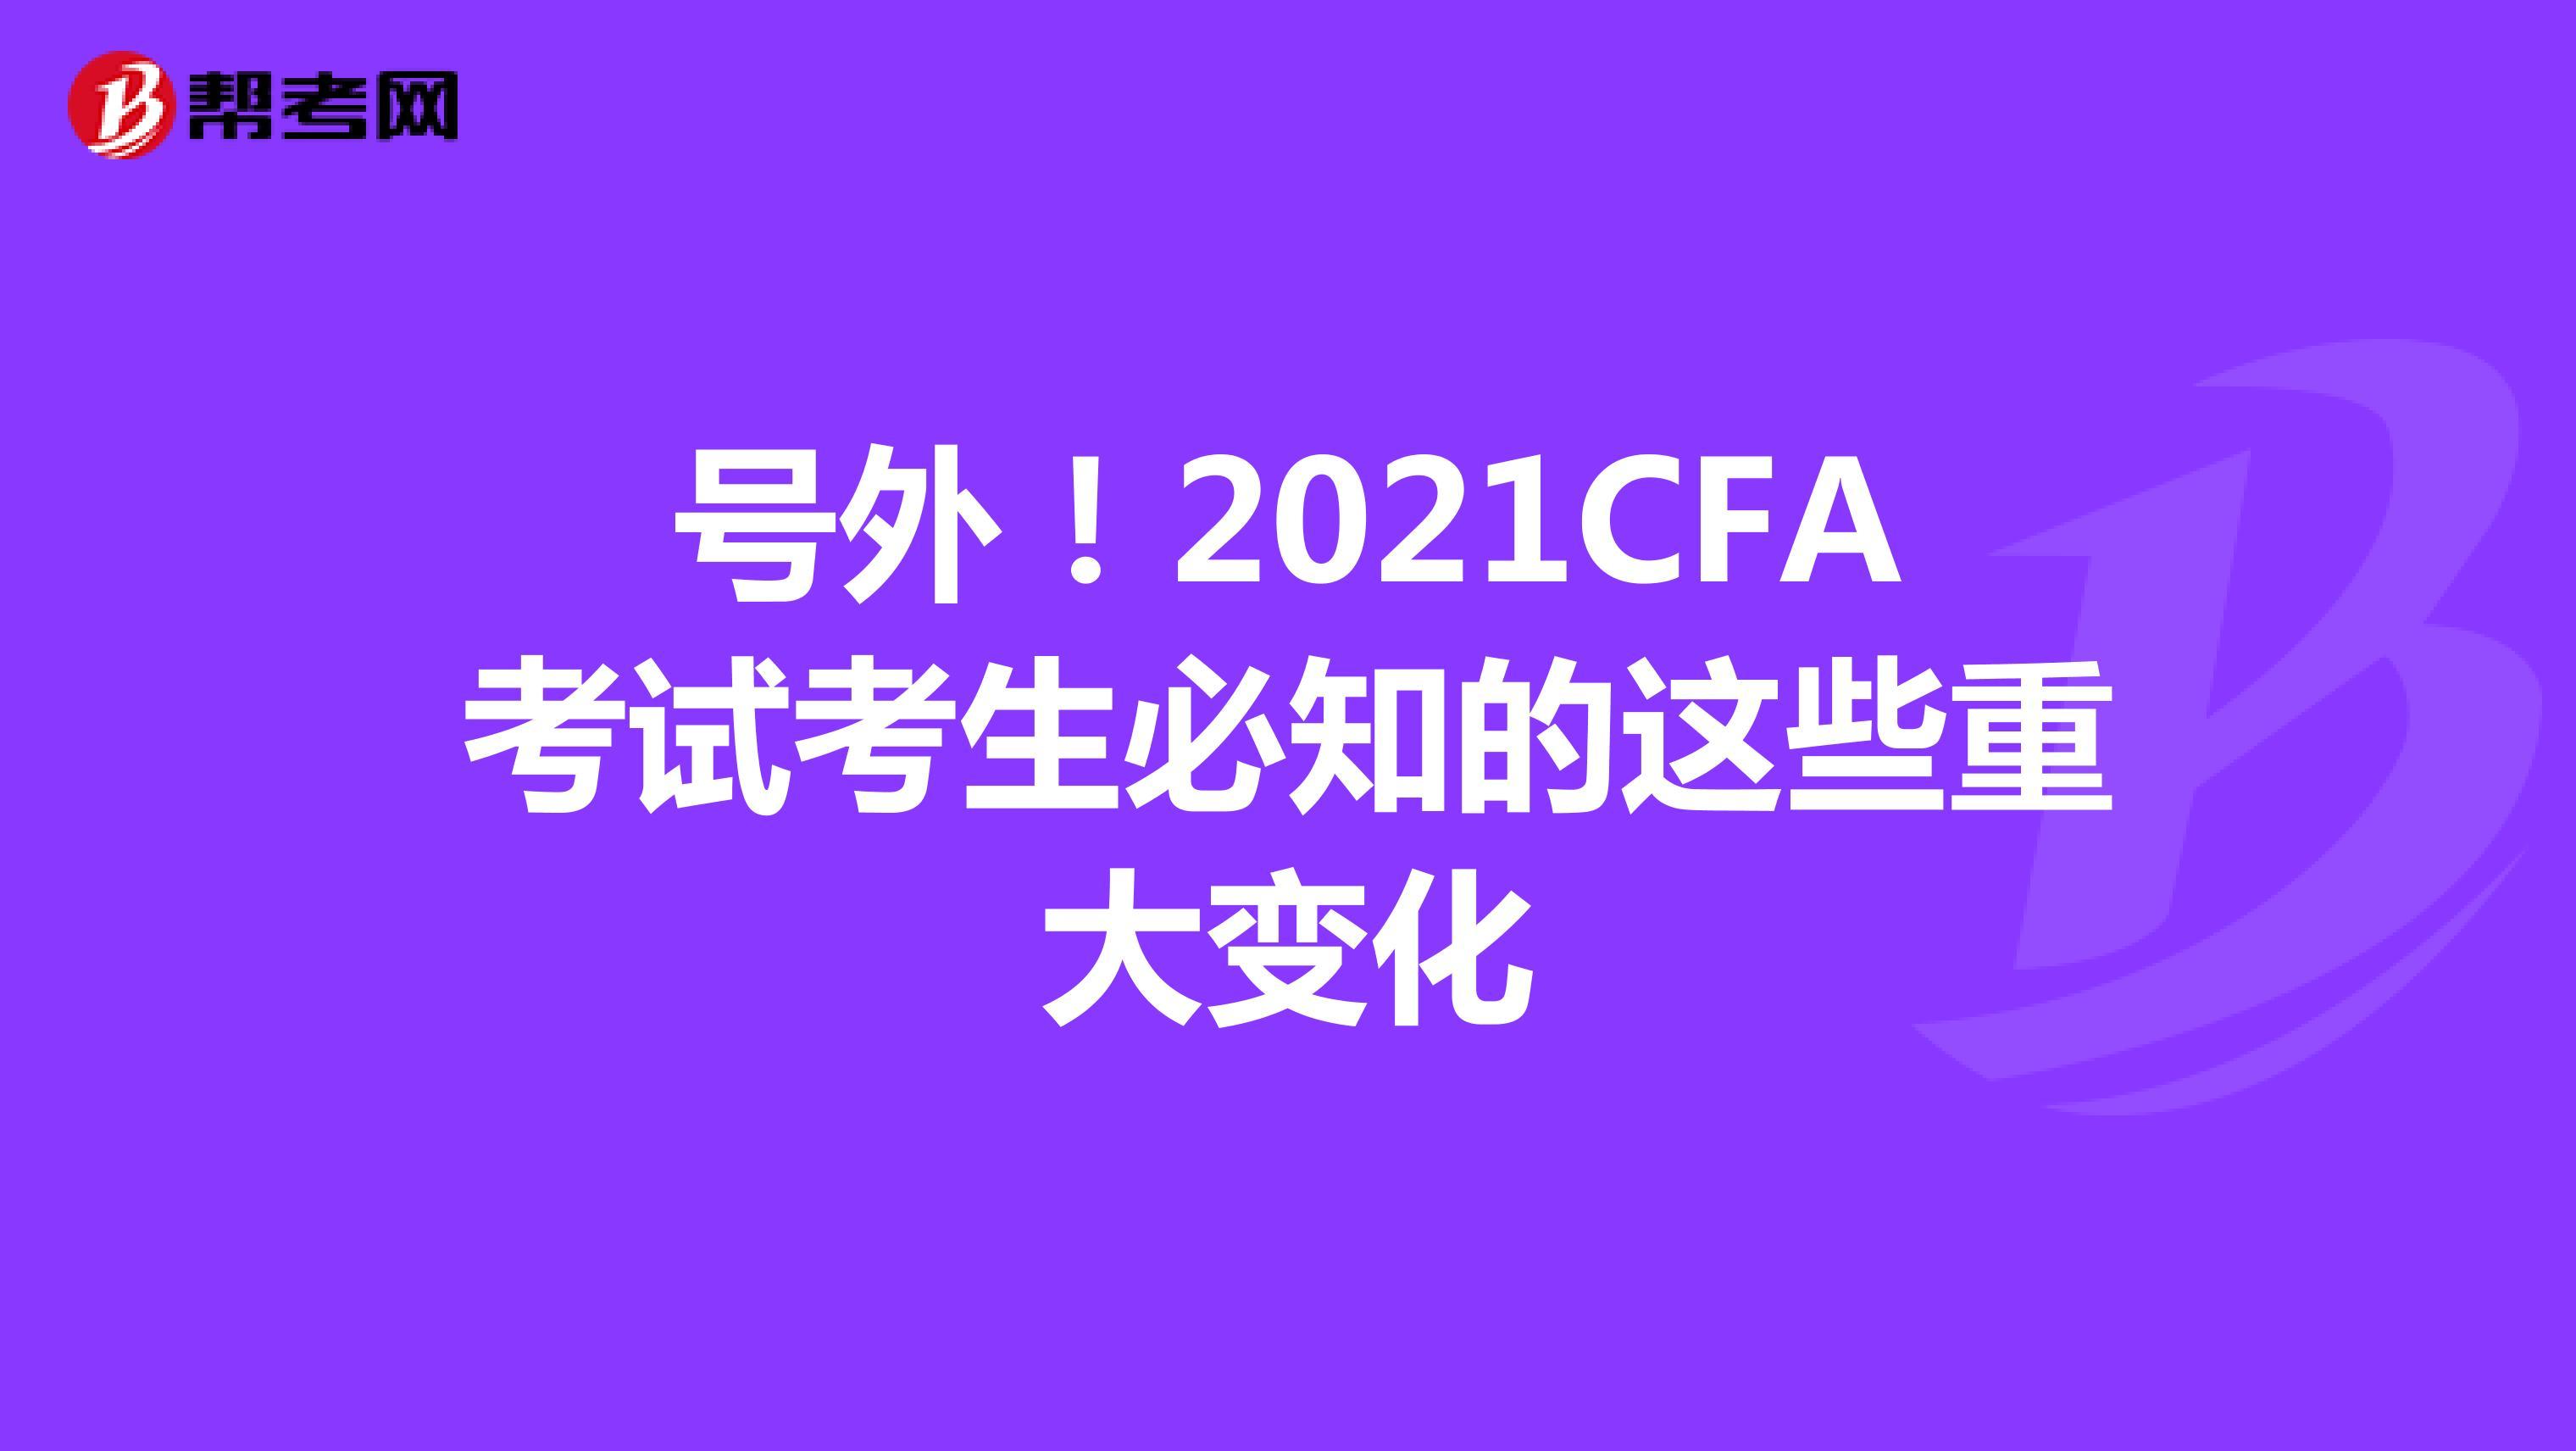 号外!2021CFA考试考生必知的这些重大变化